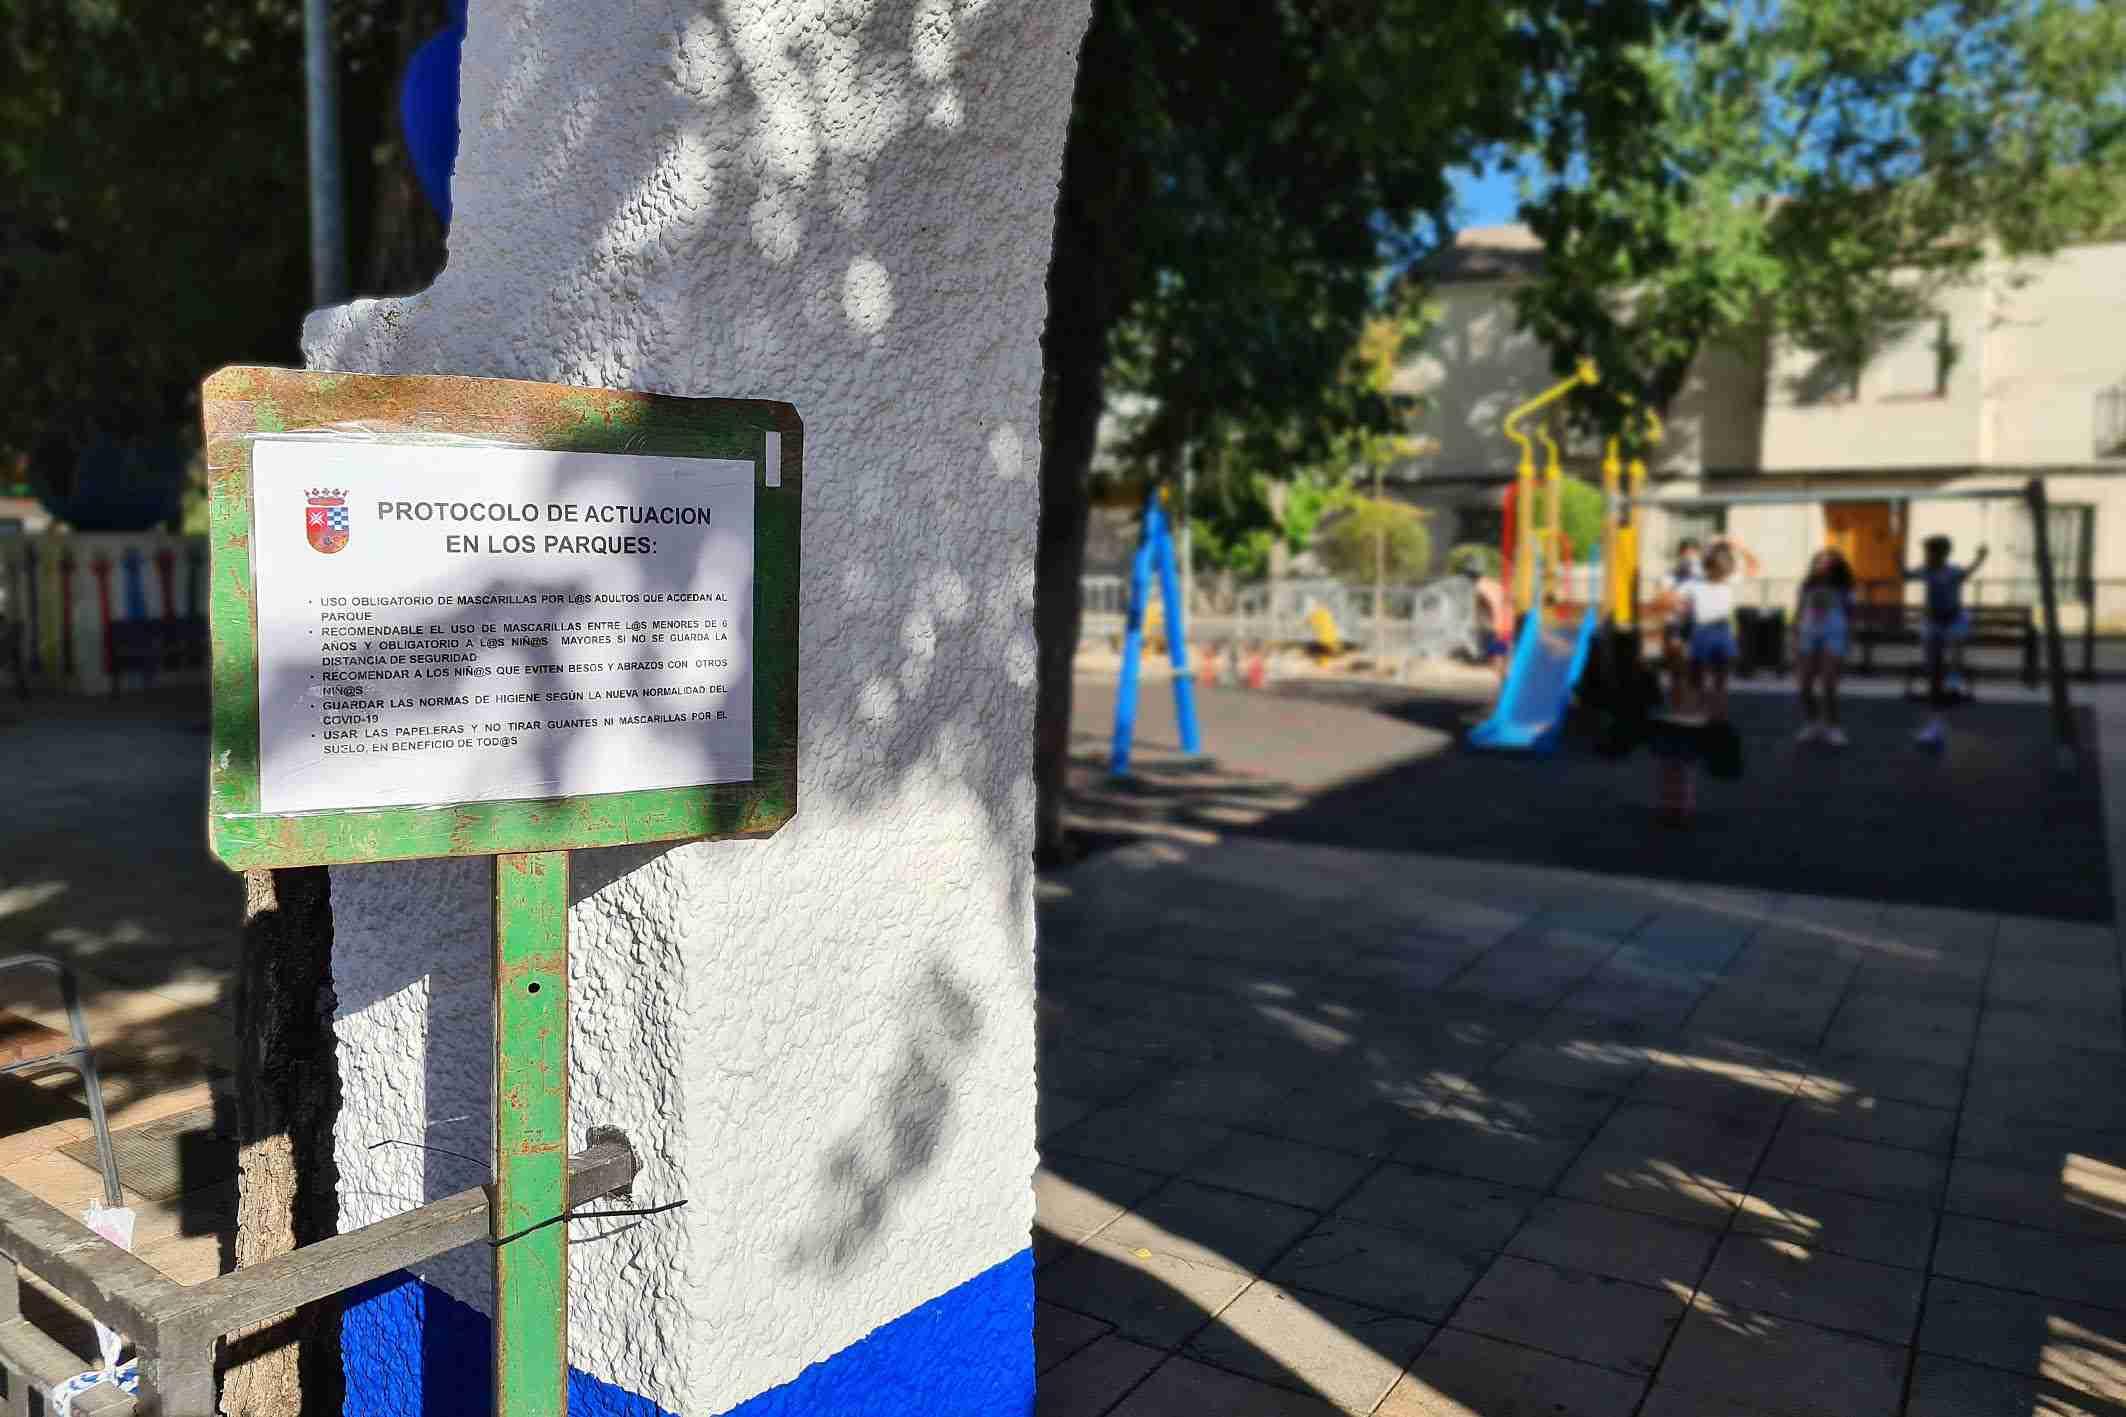 Reapertura de las zonas de juego infantil en los parques de Argamasilla de Alba 3